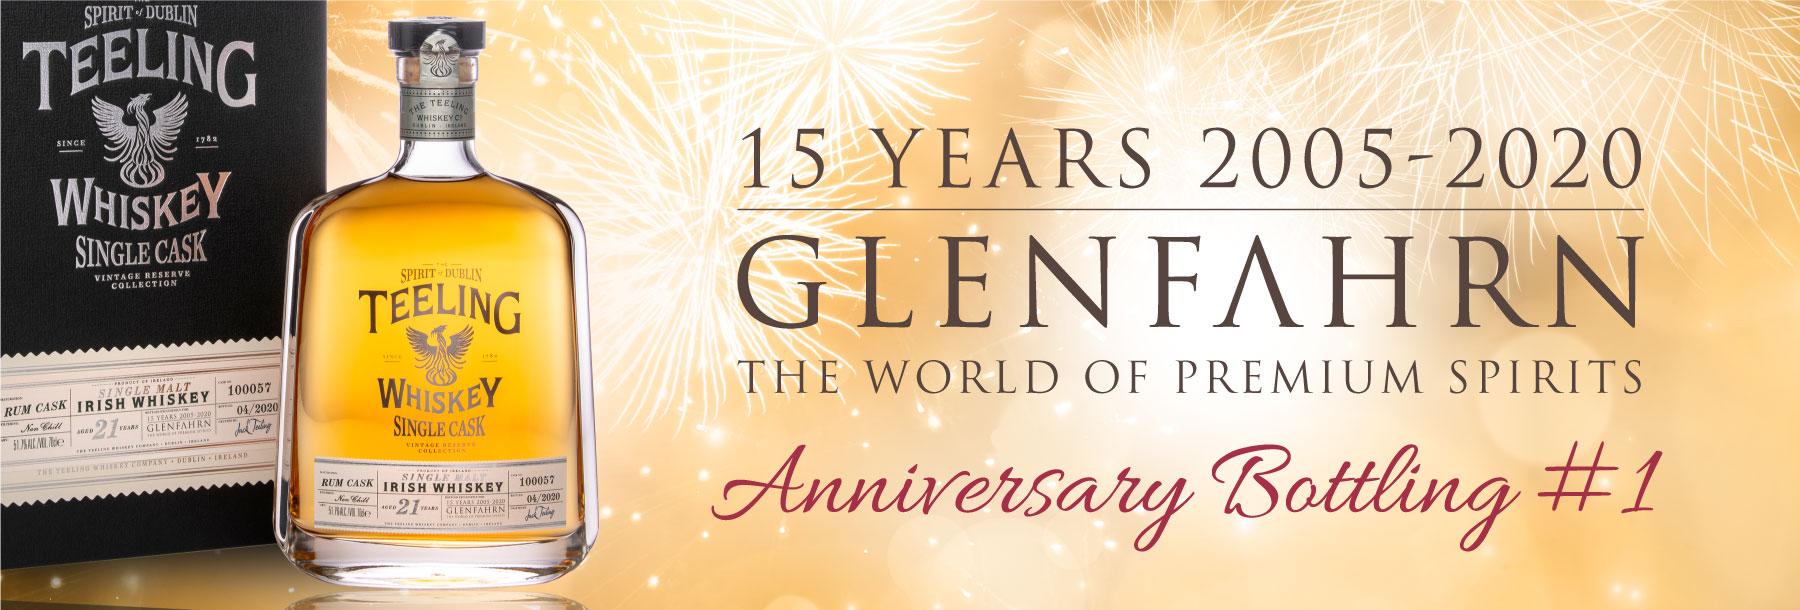 Glen Fahrn Jubiläum Anniversary